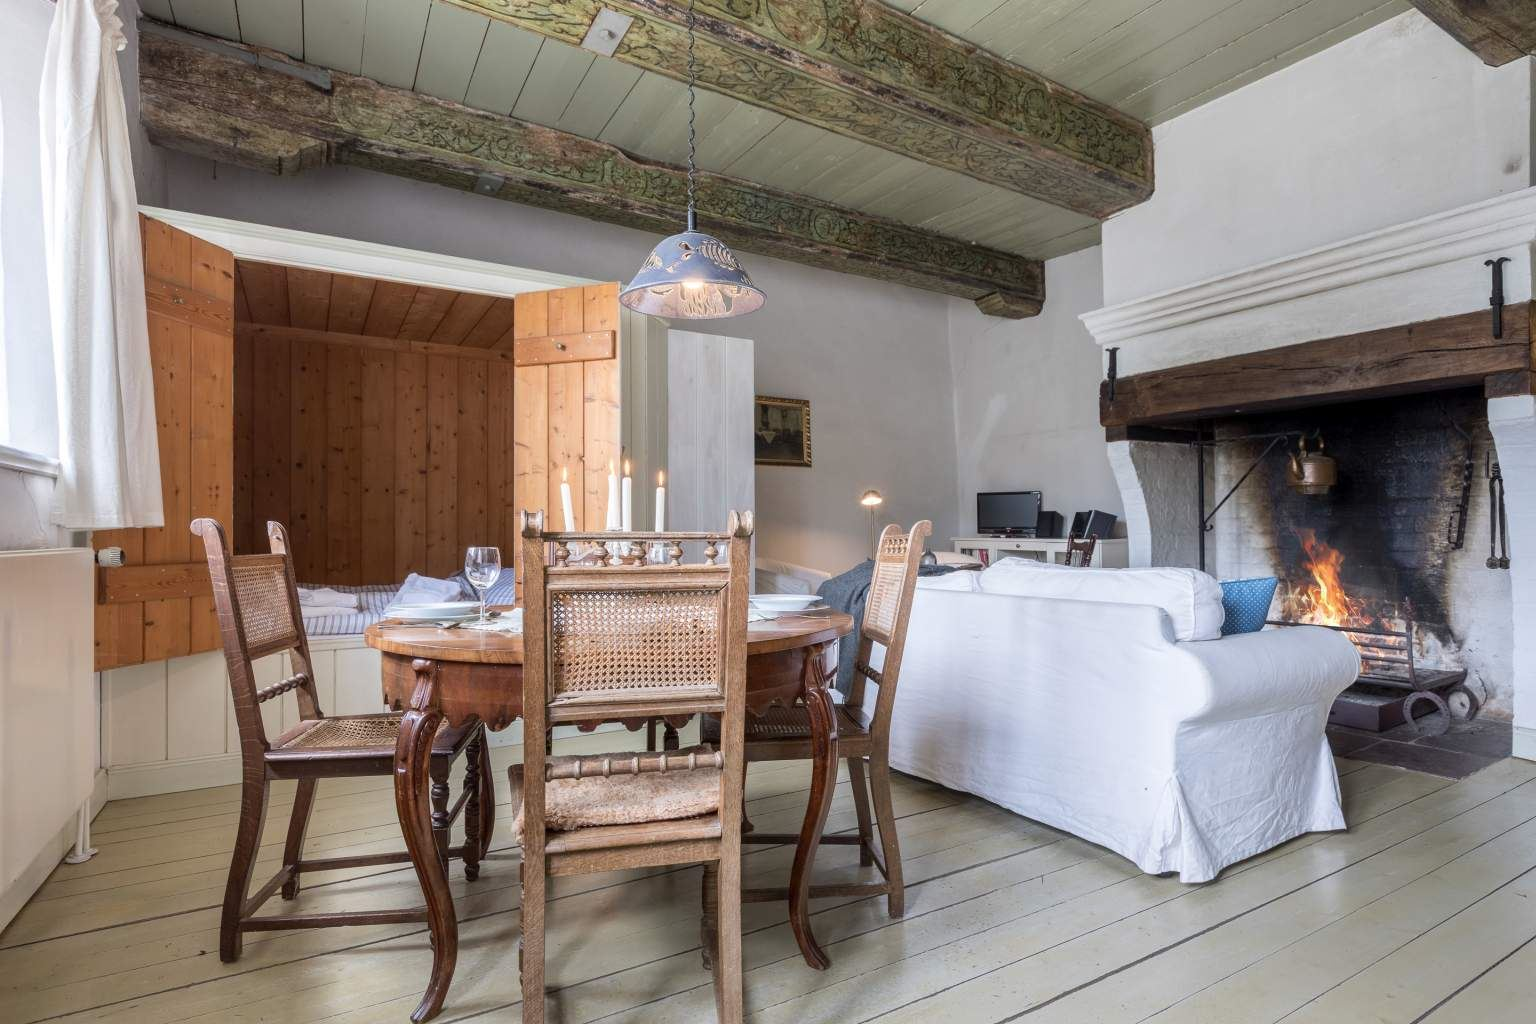 Wohnzimmer mit Alkoven und Kamin